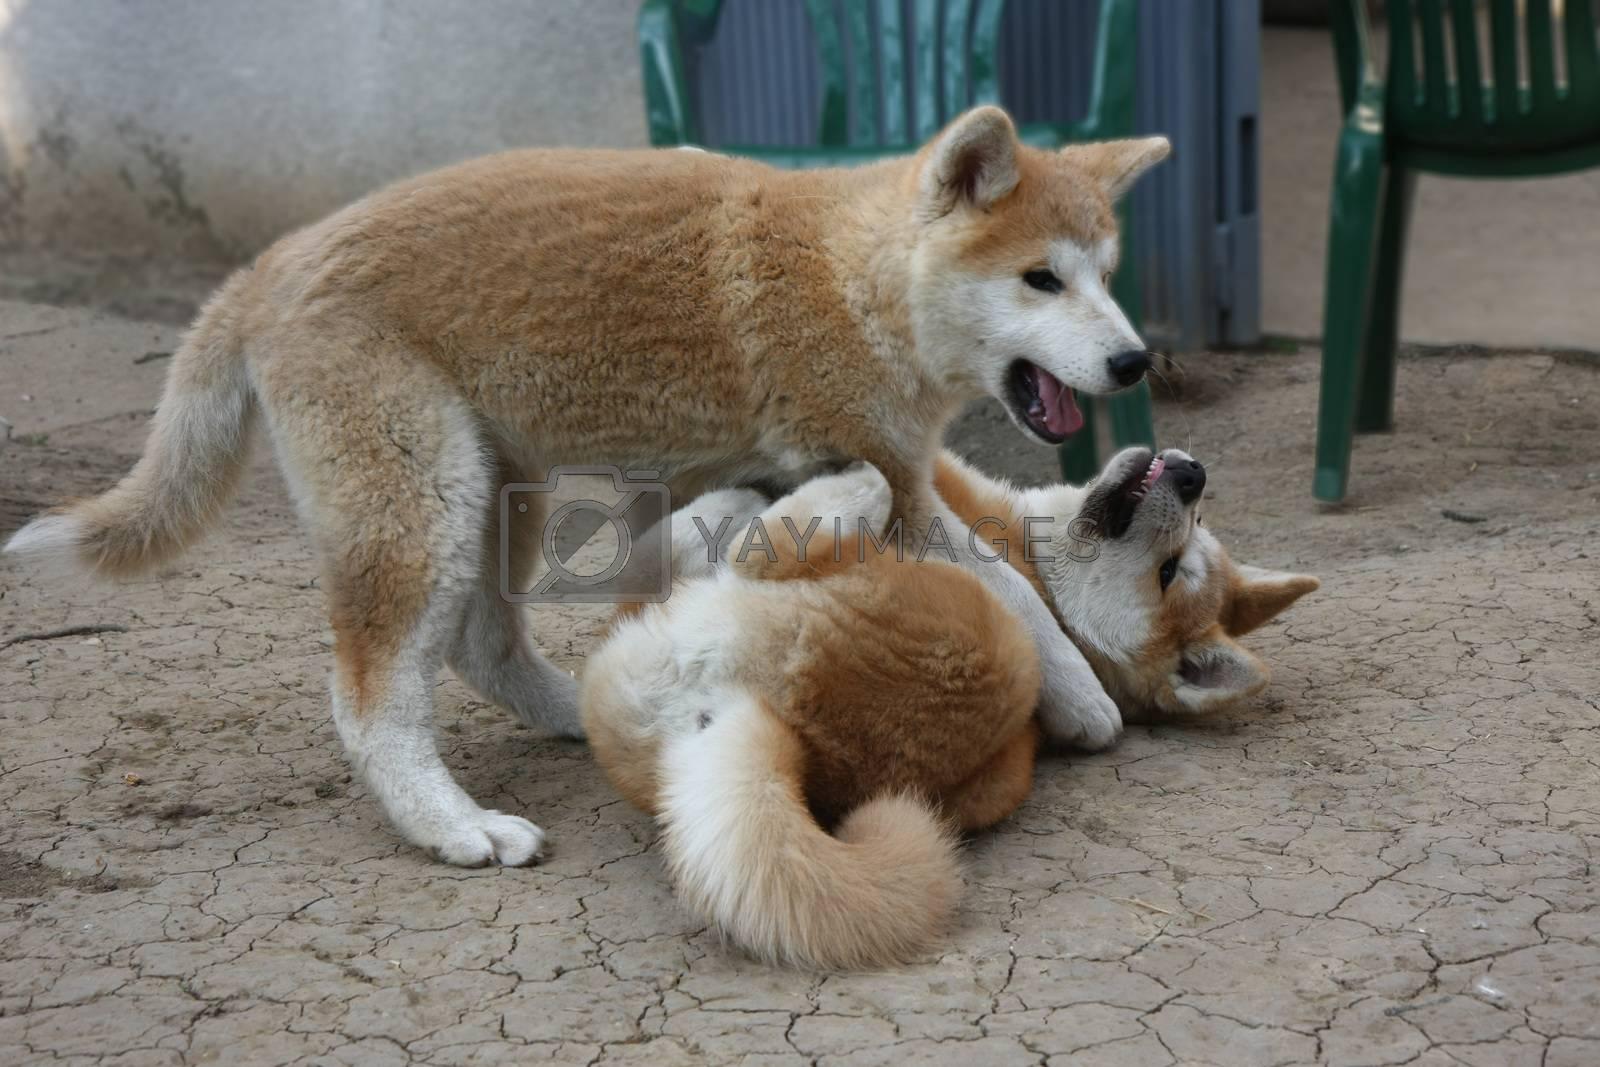 Akita Inu puppies by tdjoric